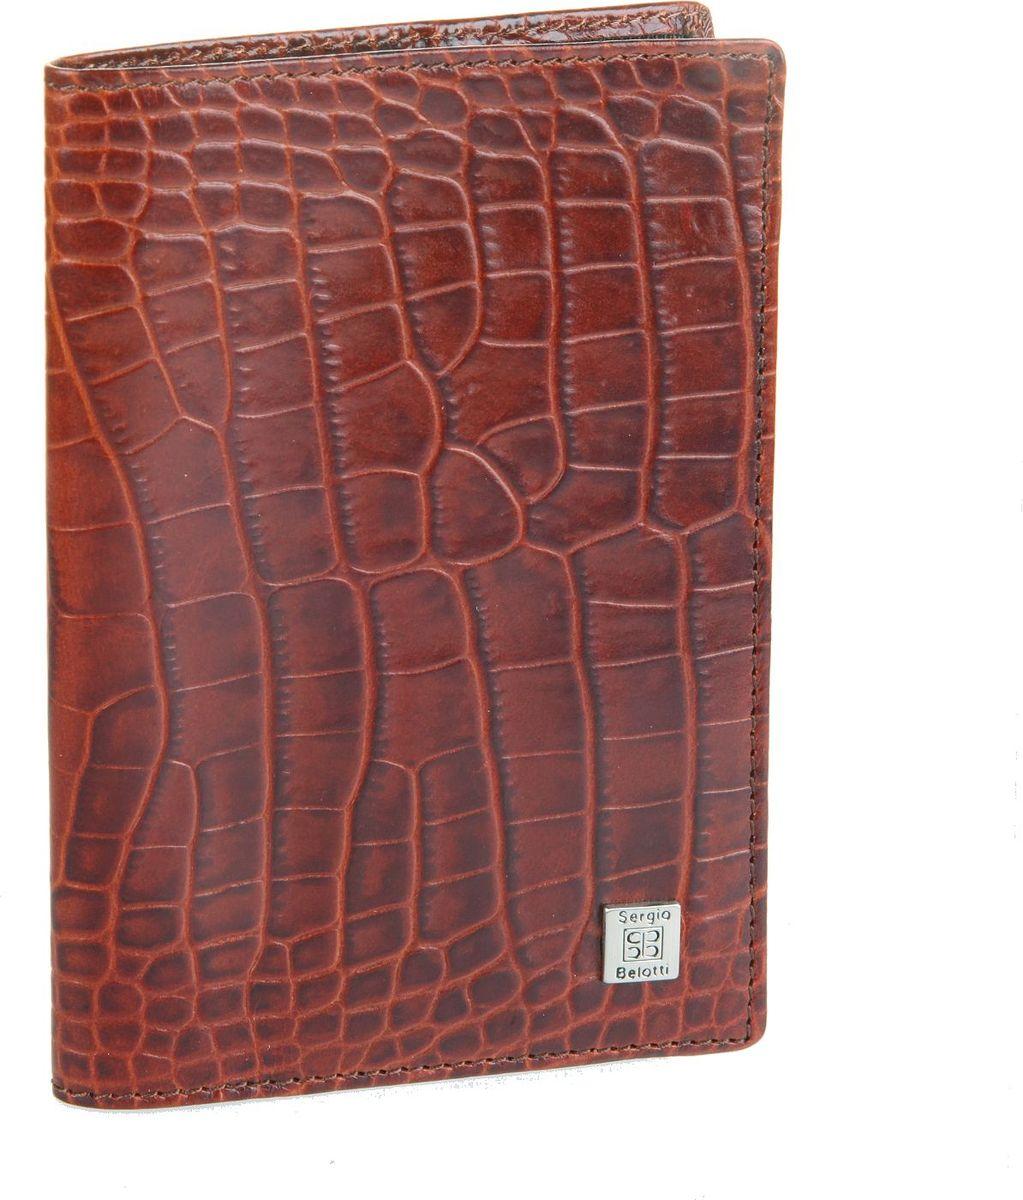 Обложка для паспорта женская Sergio Belotti, цвет: коричневый. 24642464 modena cognacраскладывается пополам внутри левое поле кожа (ширина 7 см) правое поле сетка (ширина 4 см) один карман для документов и карман для sim- карты